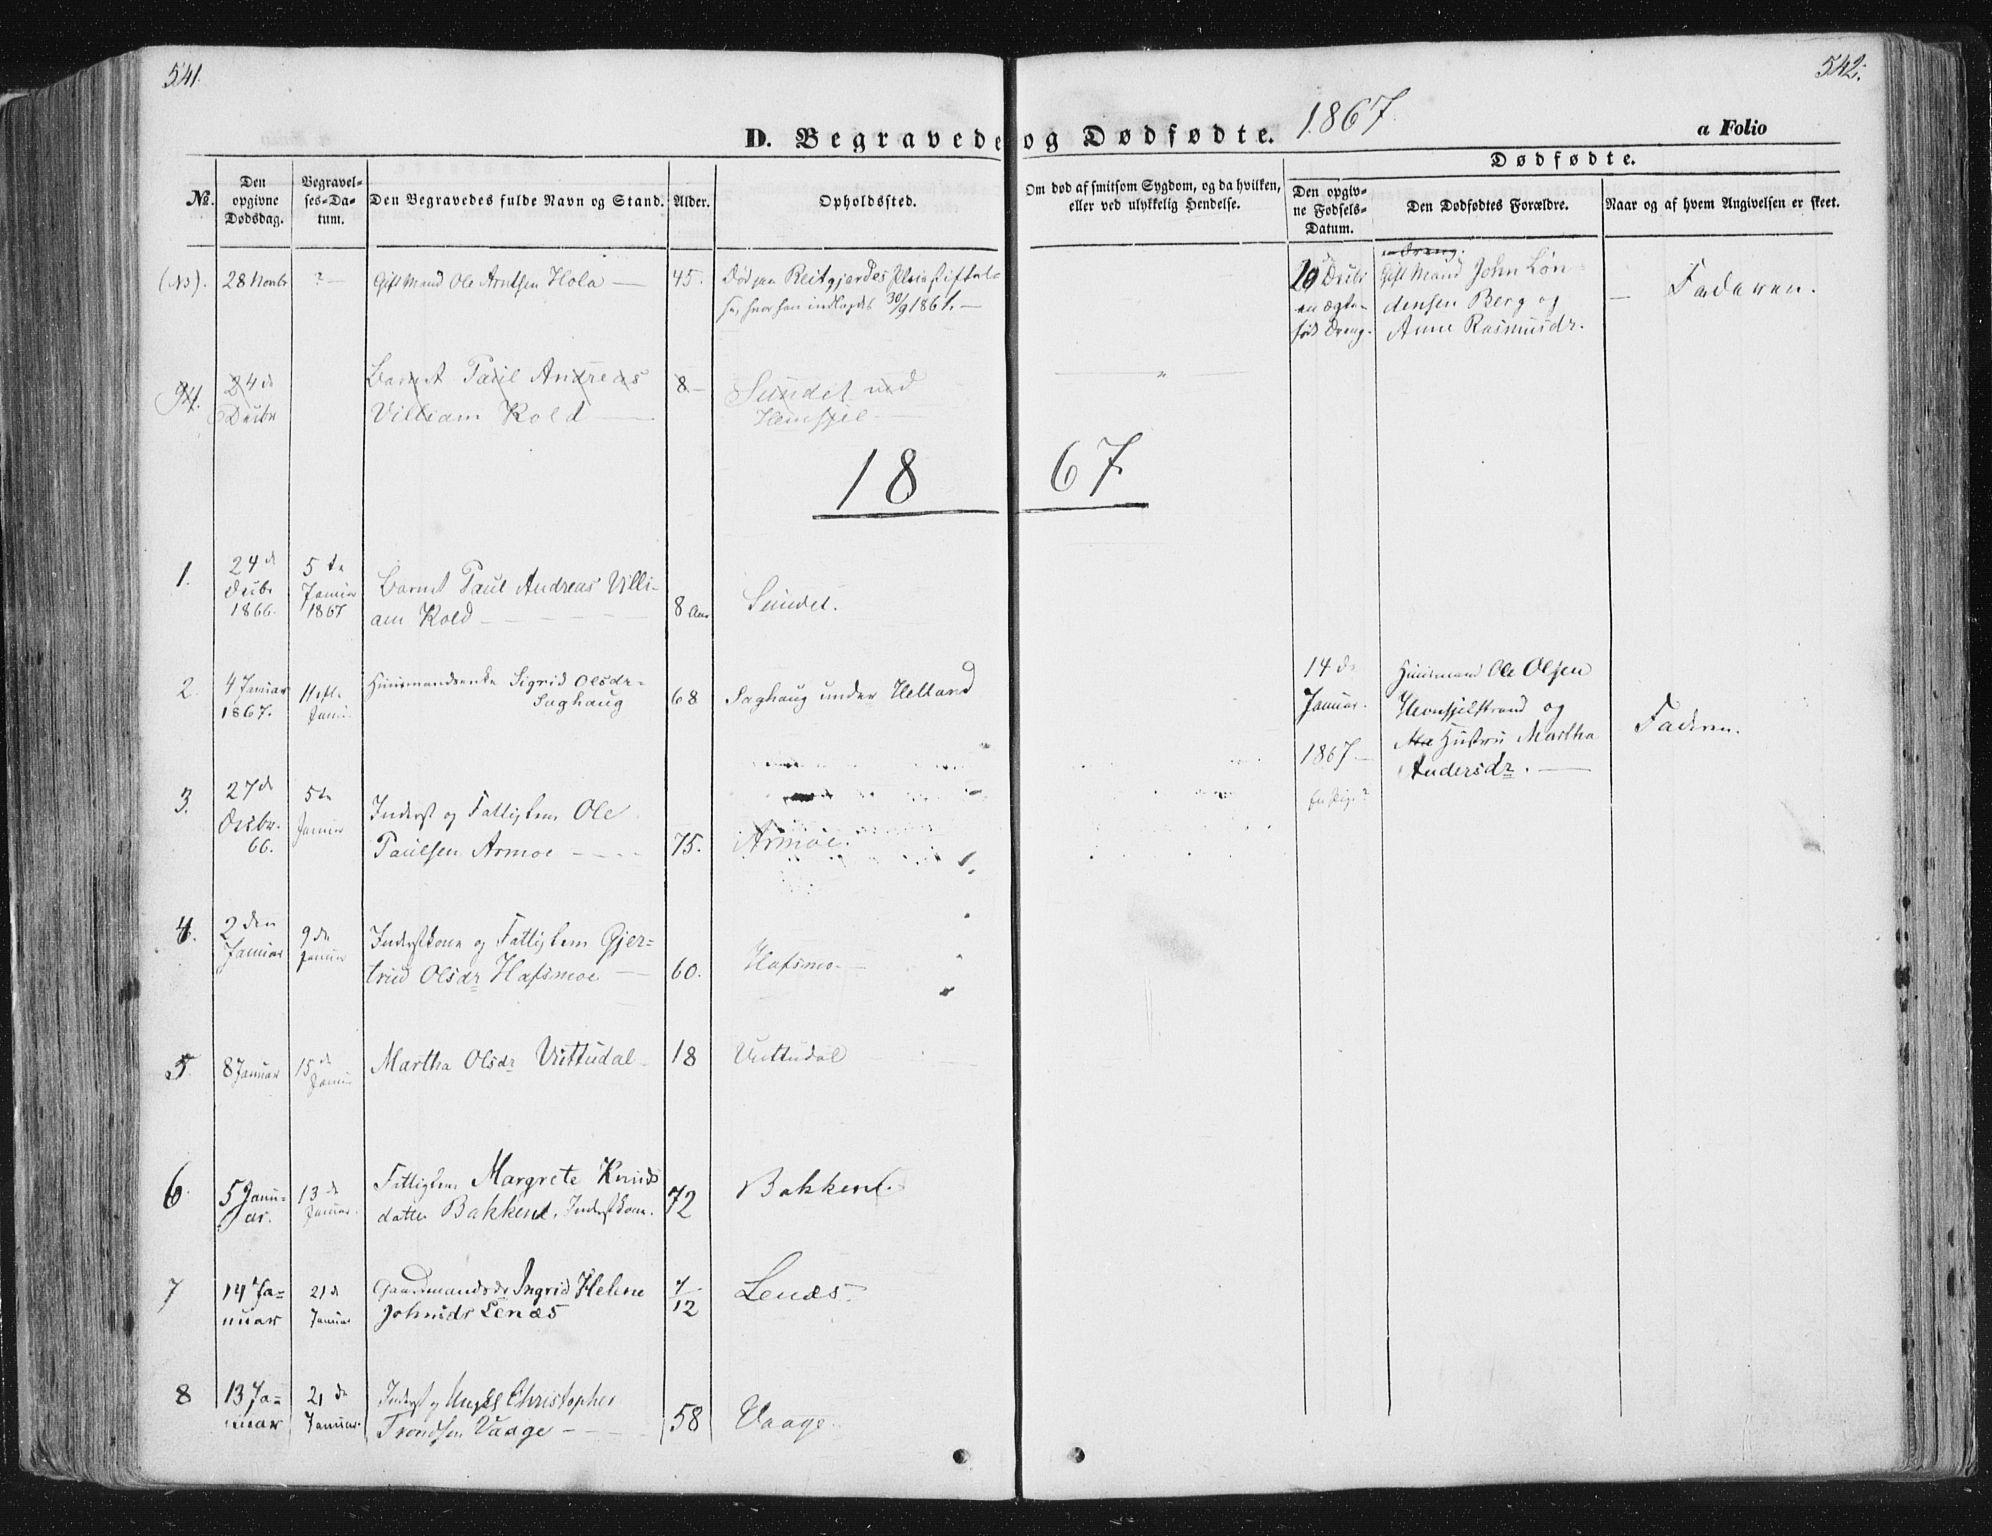 SAT, Ministerialprotokoller, klokkerbøker og fødselsregistre - Sør-Trøndelag, 630/L0494: Ministerialbok nr. 630A07, 1852-1868, s. 541-542